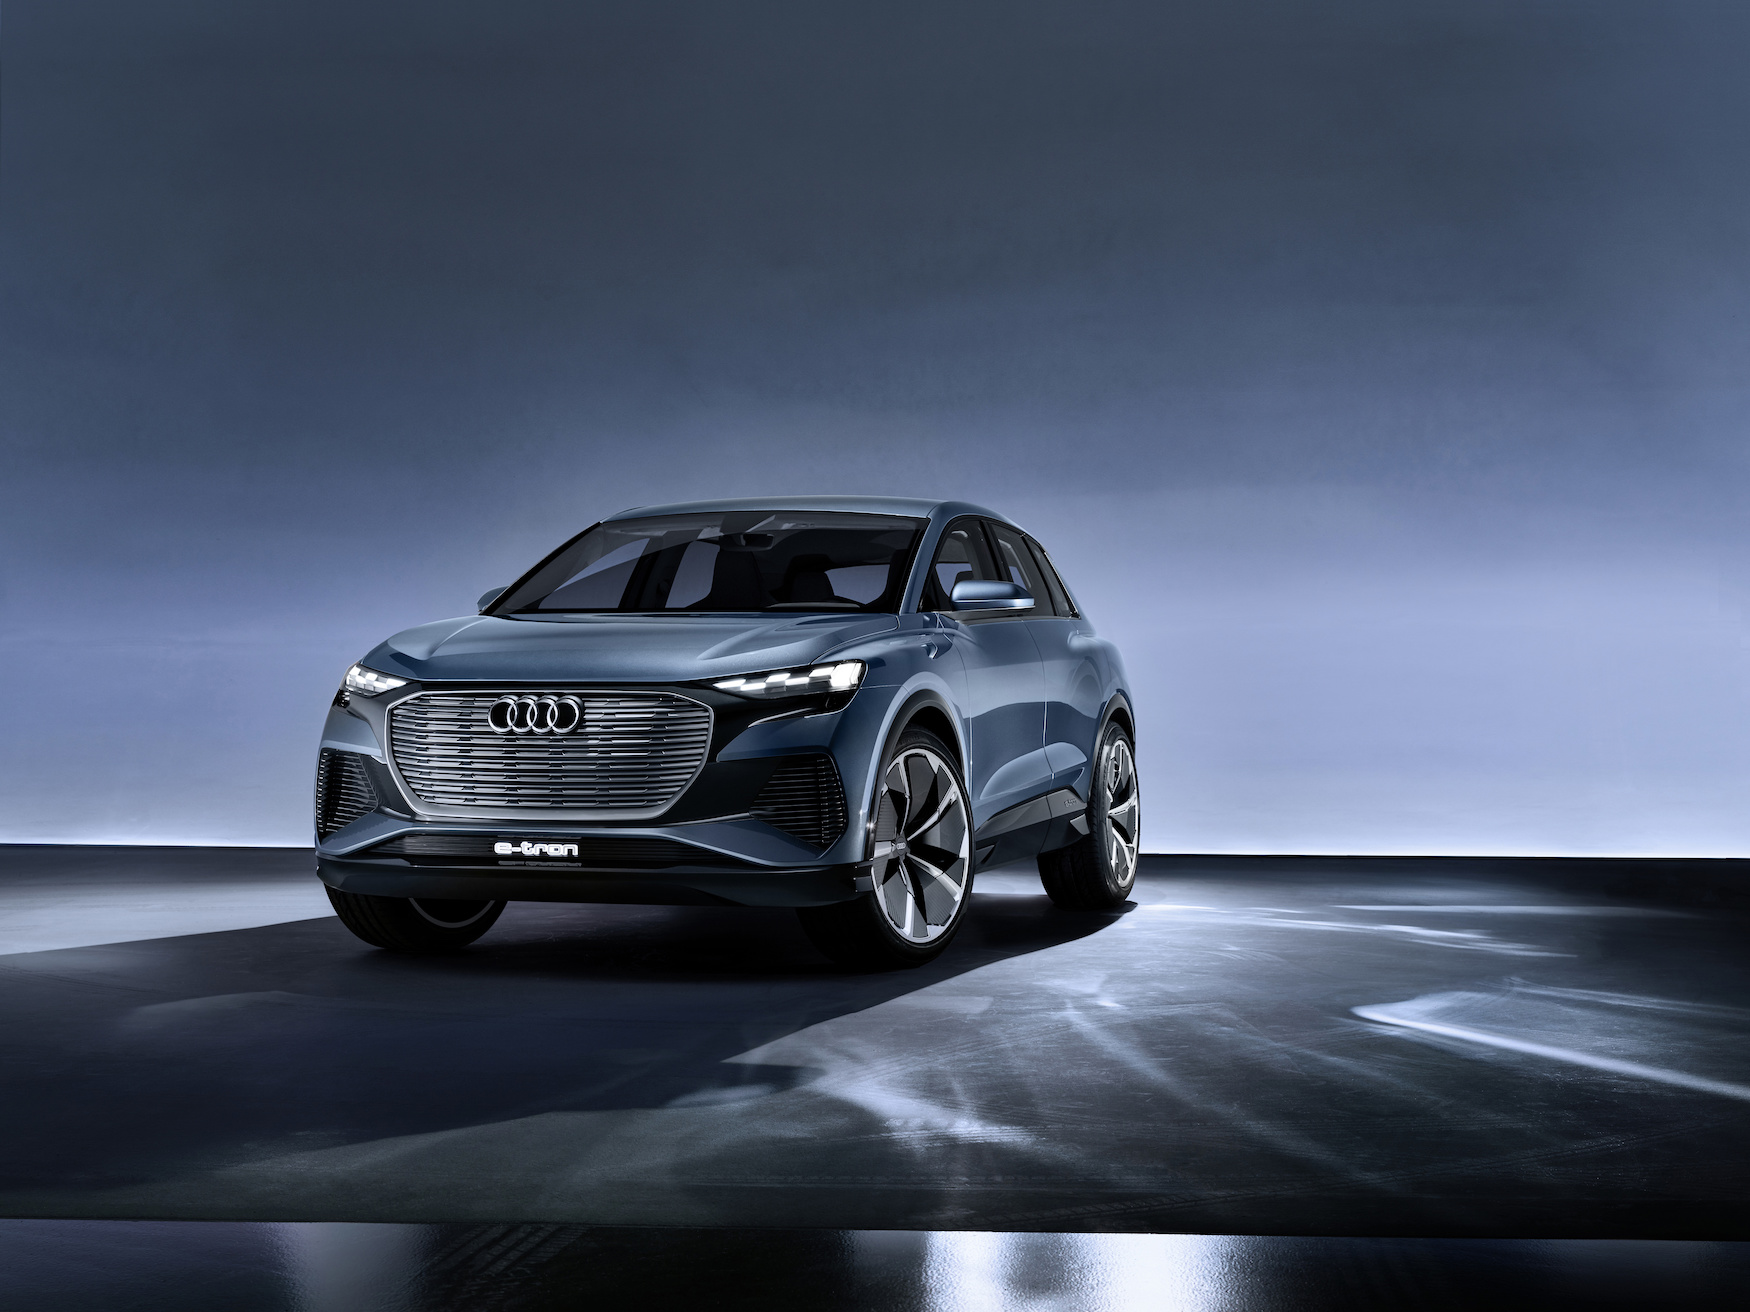 Il colore blu dell'Audi Q4 e-tron concept rende l'auto ancora più sostenibile. (AUDI)